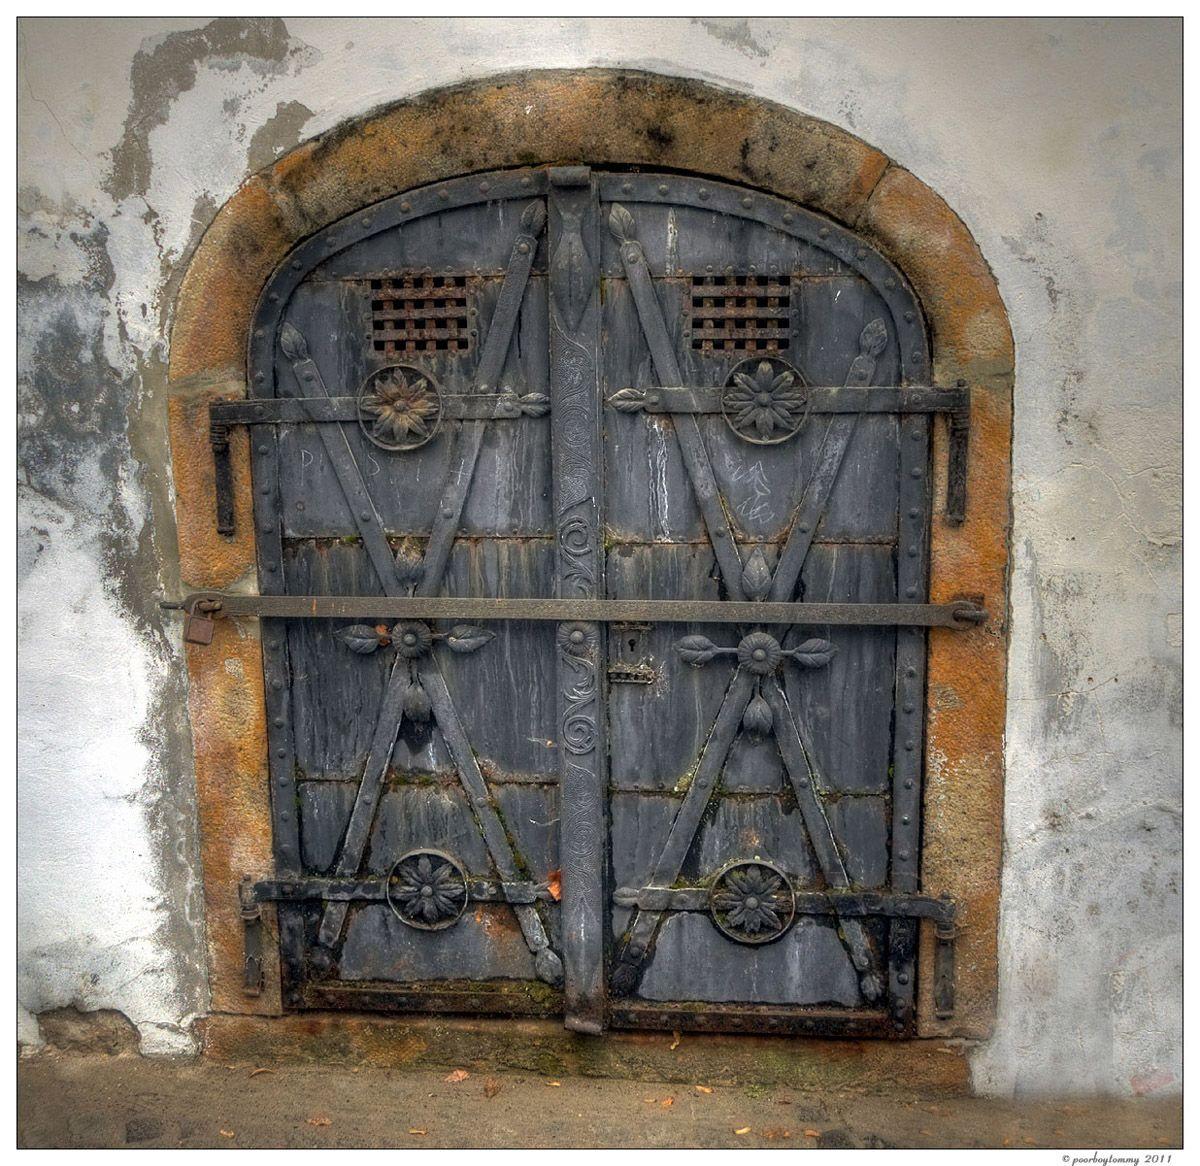 Haustüren alter stil  Pin von Eileen auf alte Türen | Pinterest | Alte türen, Türen und ...